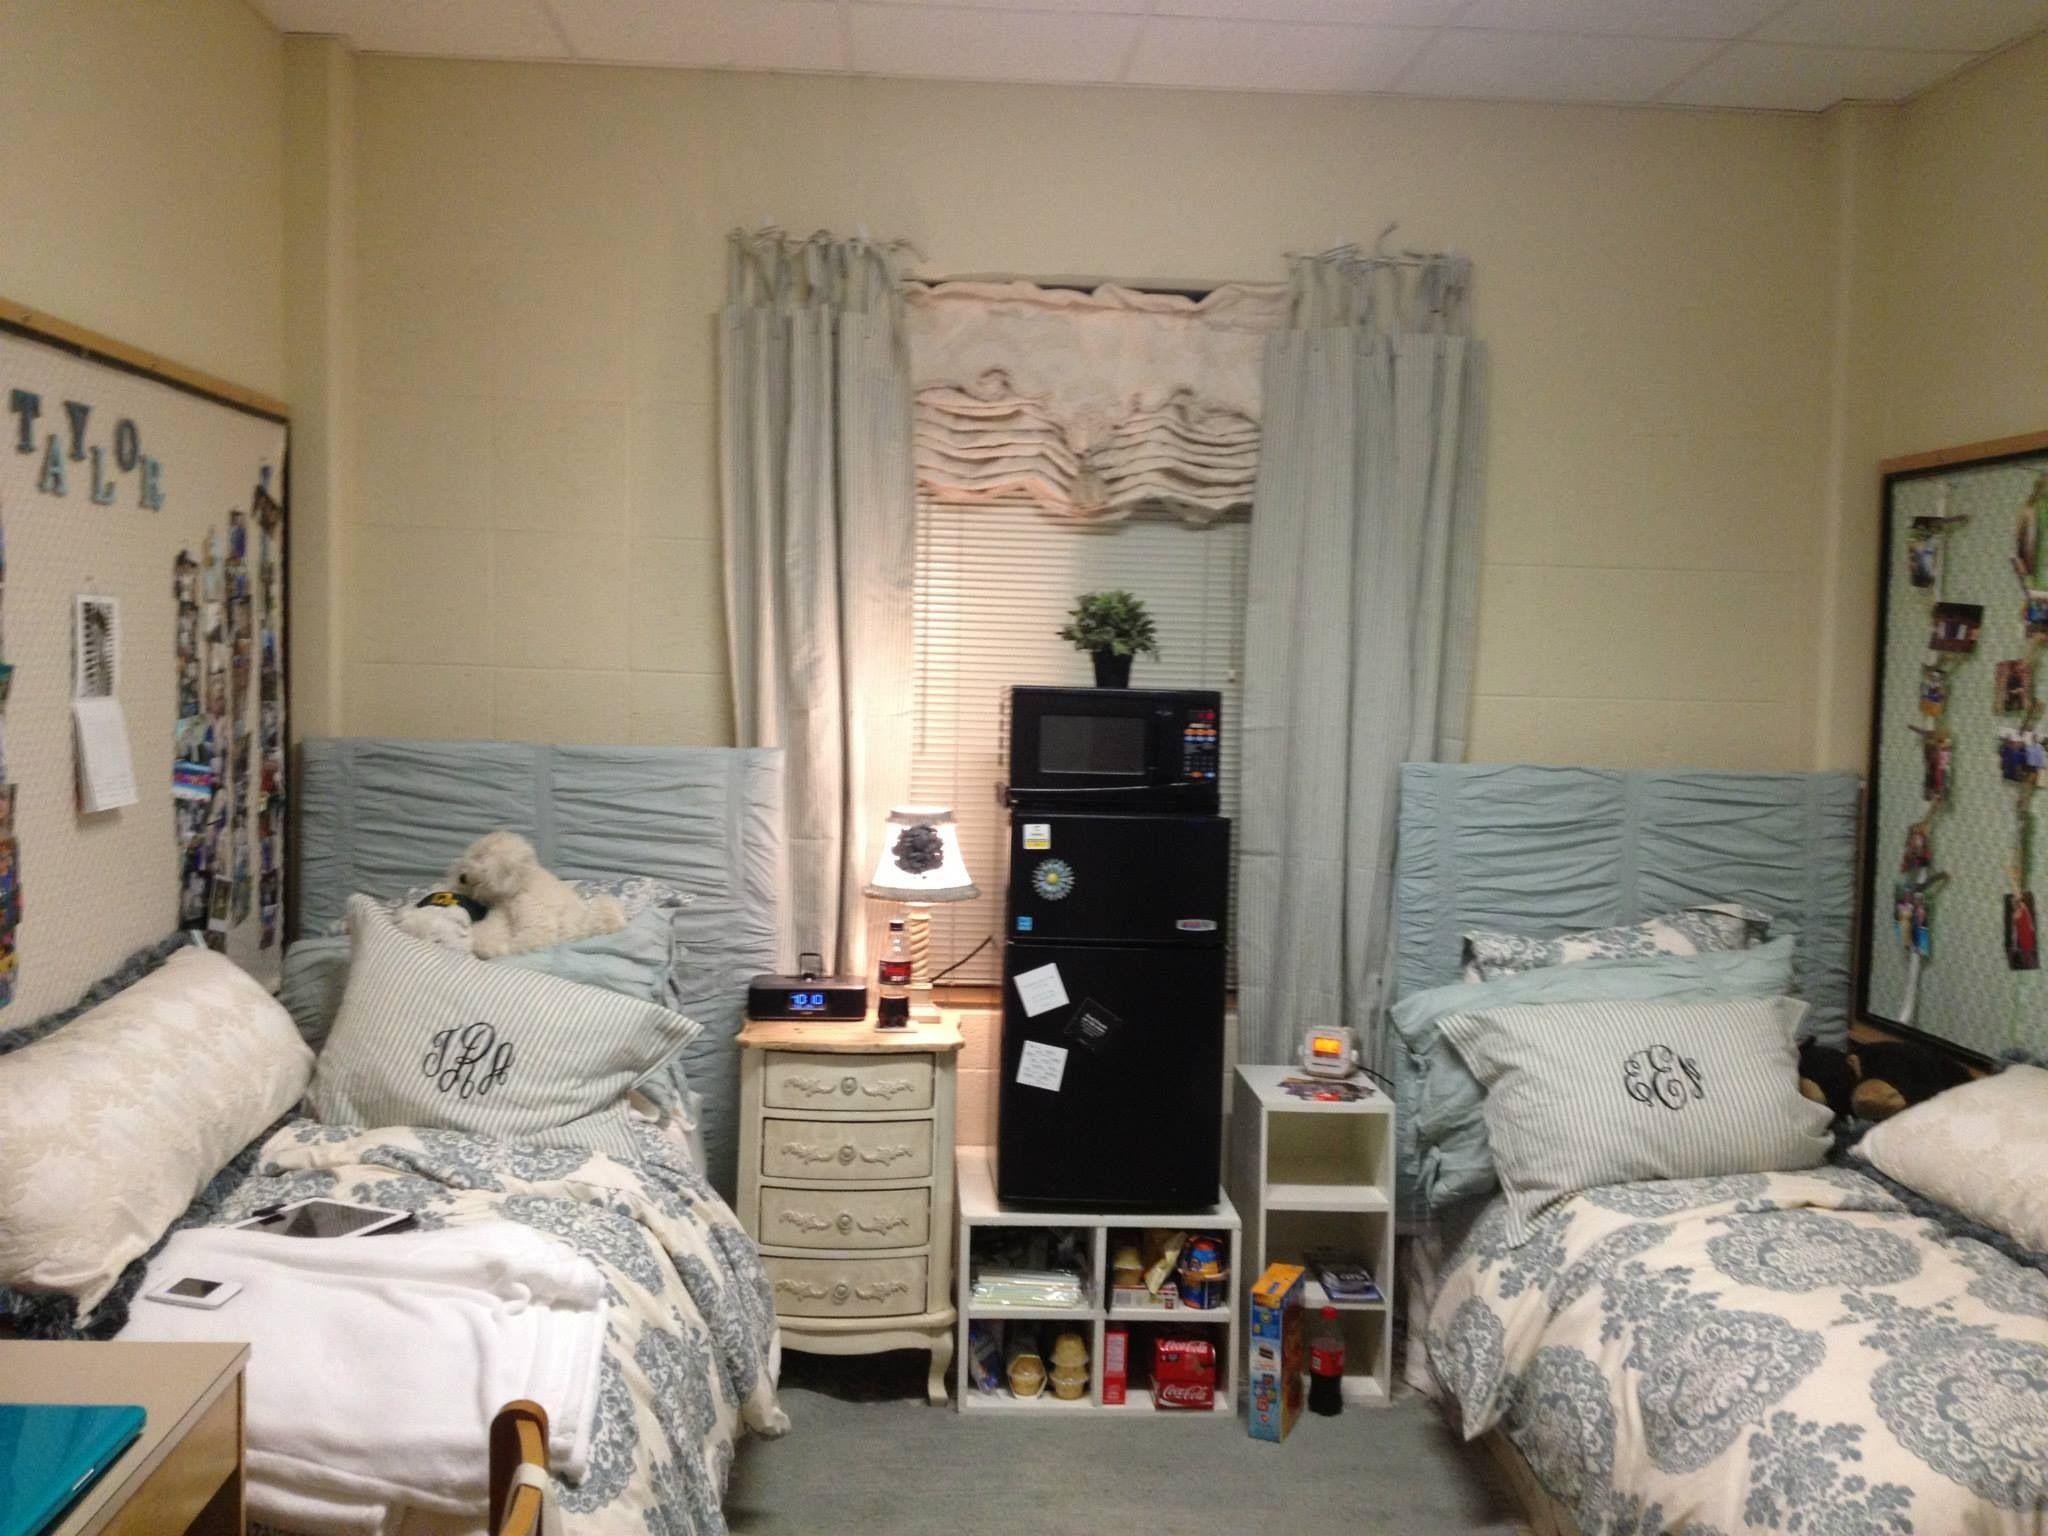 North Russell Dorm Room 2013 Baylor University Baylor Dorm